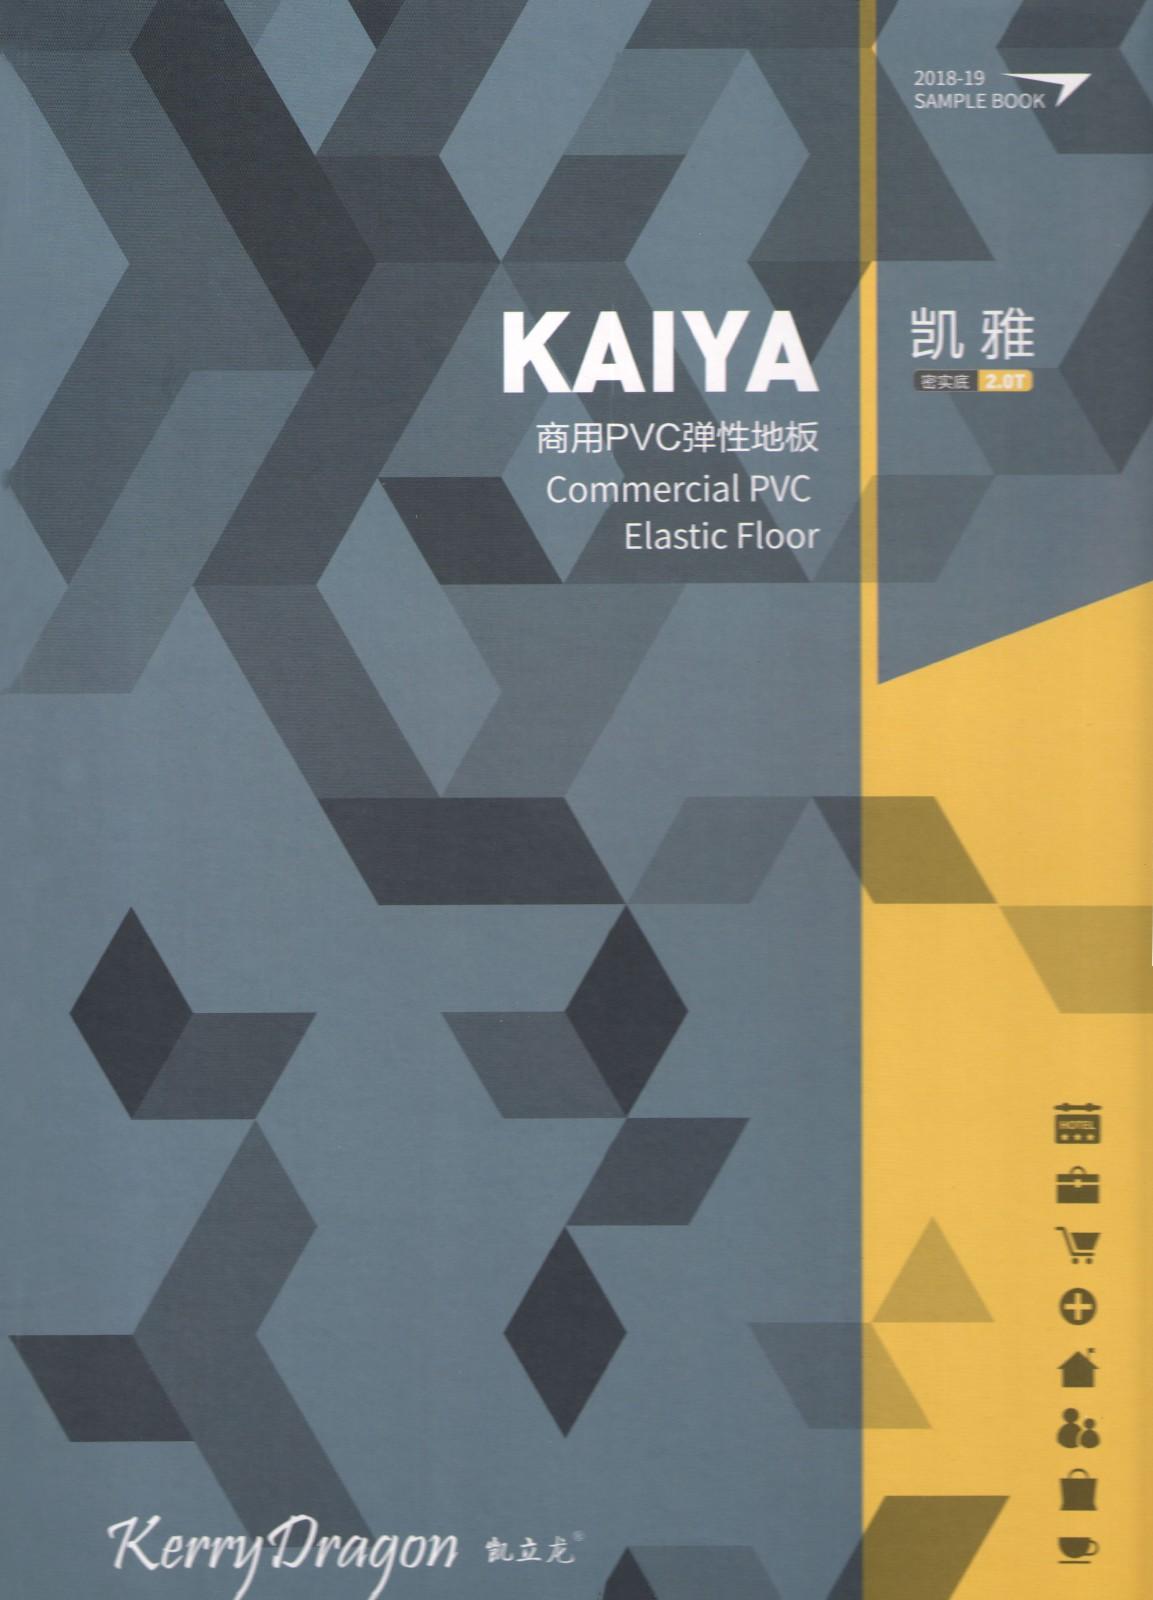 凯立龙凯雅pvc地板|凯利龙系列-陕西棋牌挣钱建材有限责任公司